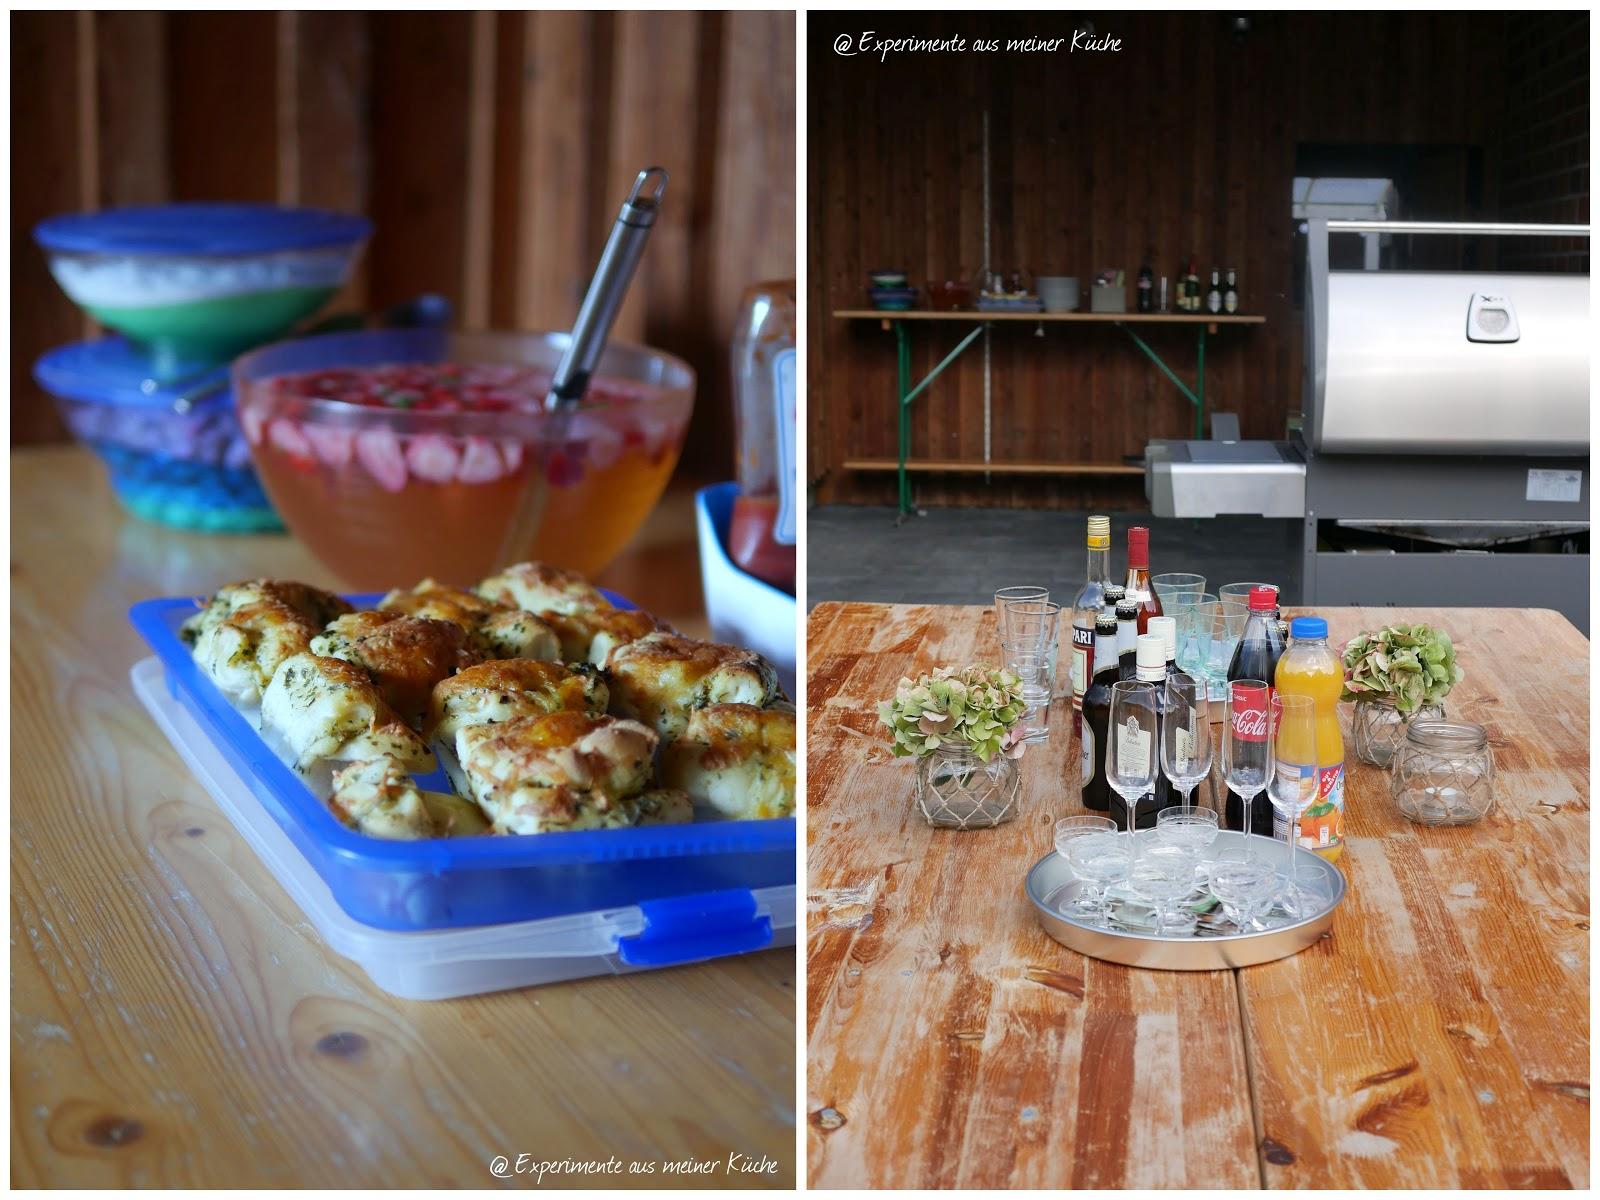 Experimente aus meiner Küche: Der Countdown läuft... Partyrezepte ...